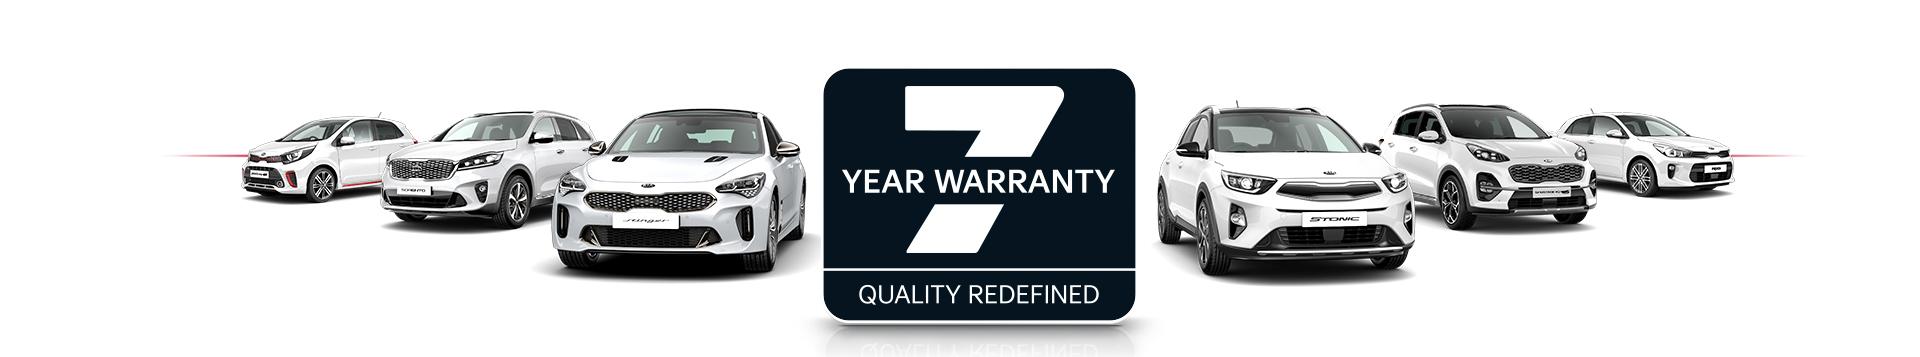 7 Year Kia Warranty